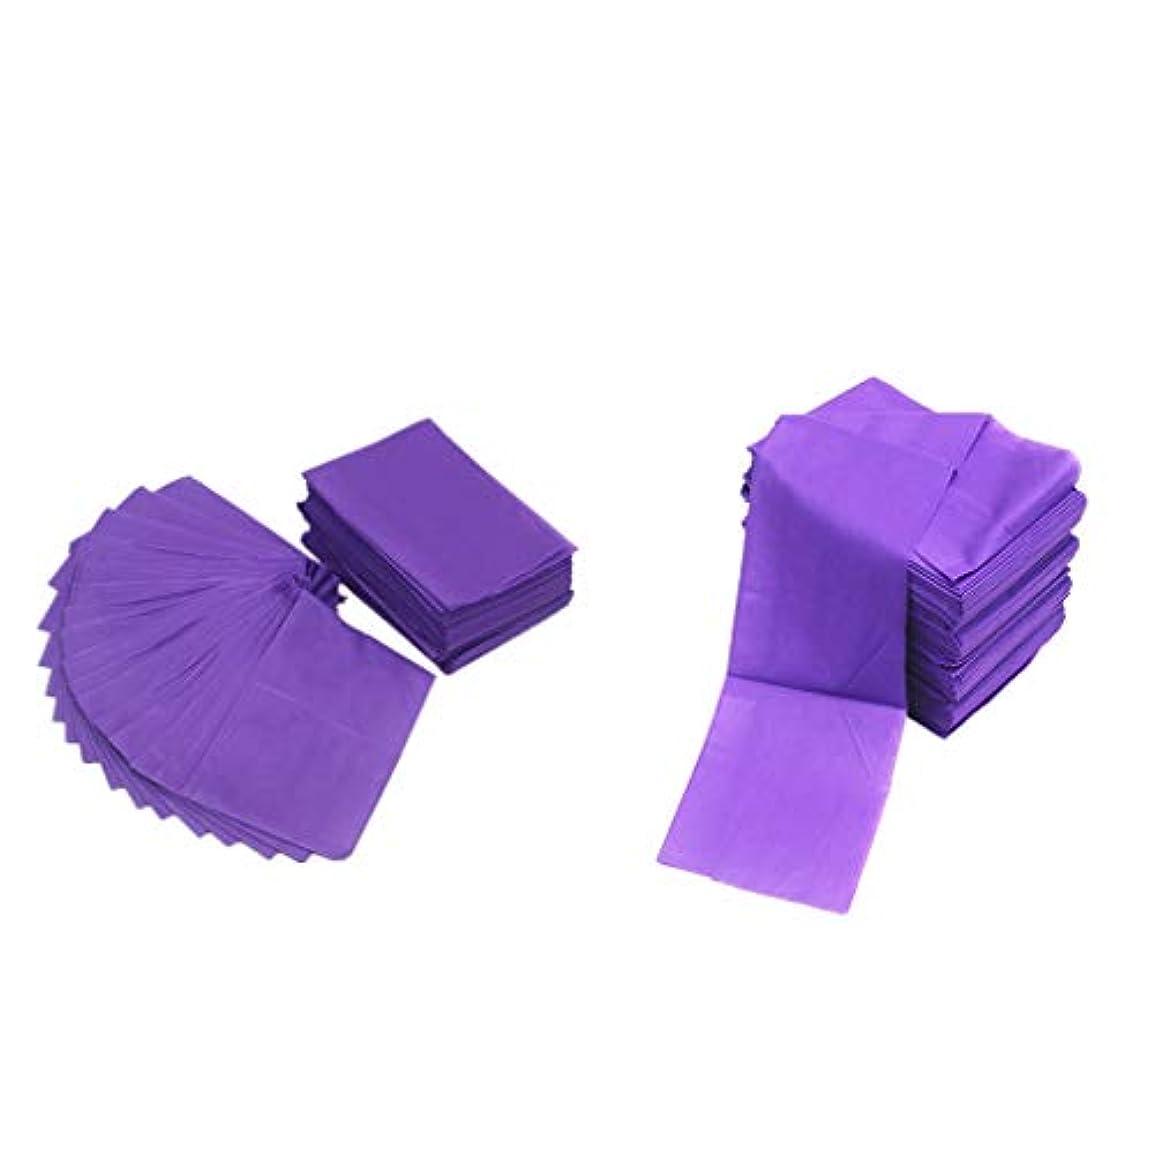 蒸気雇う小康20ピースセット ベッドシーツ 使い捨て ベットシート 厚さ ビューティーサロン マッサージサロン